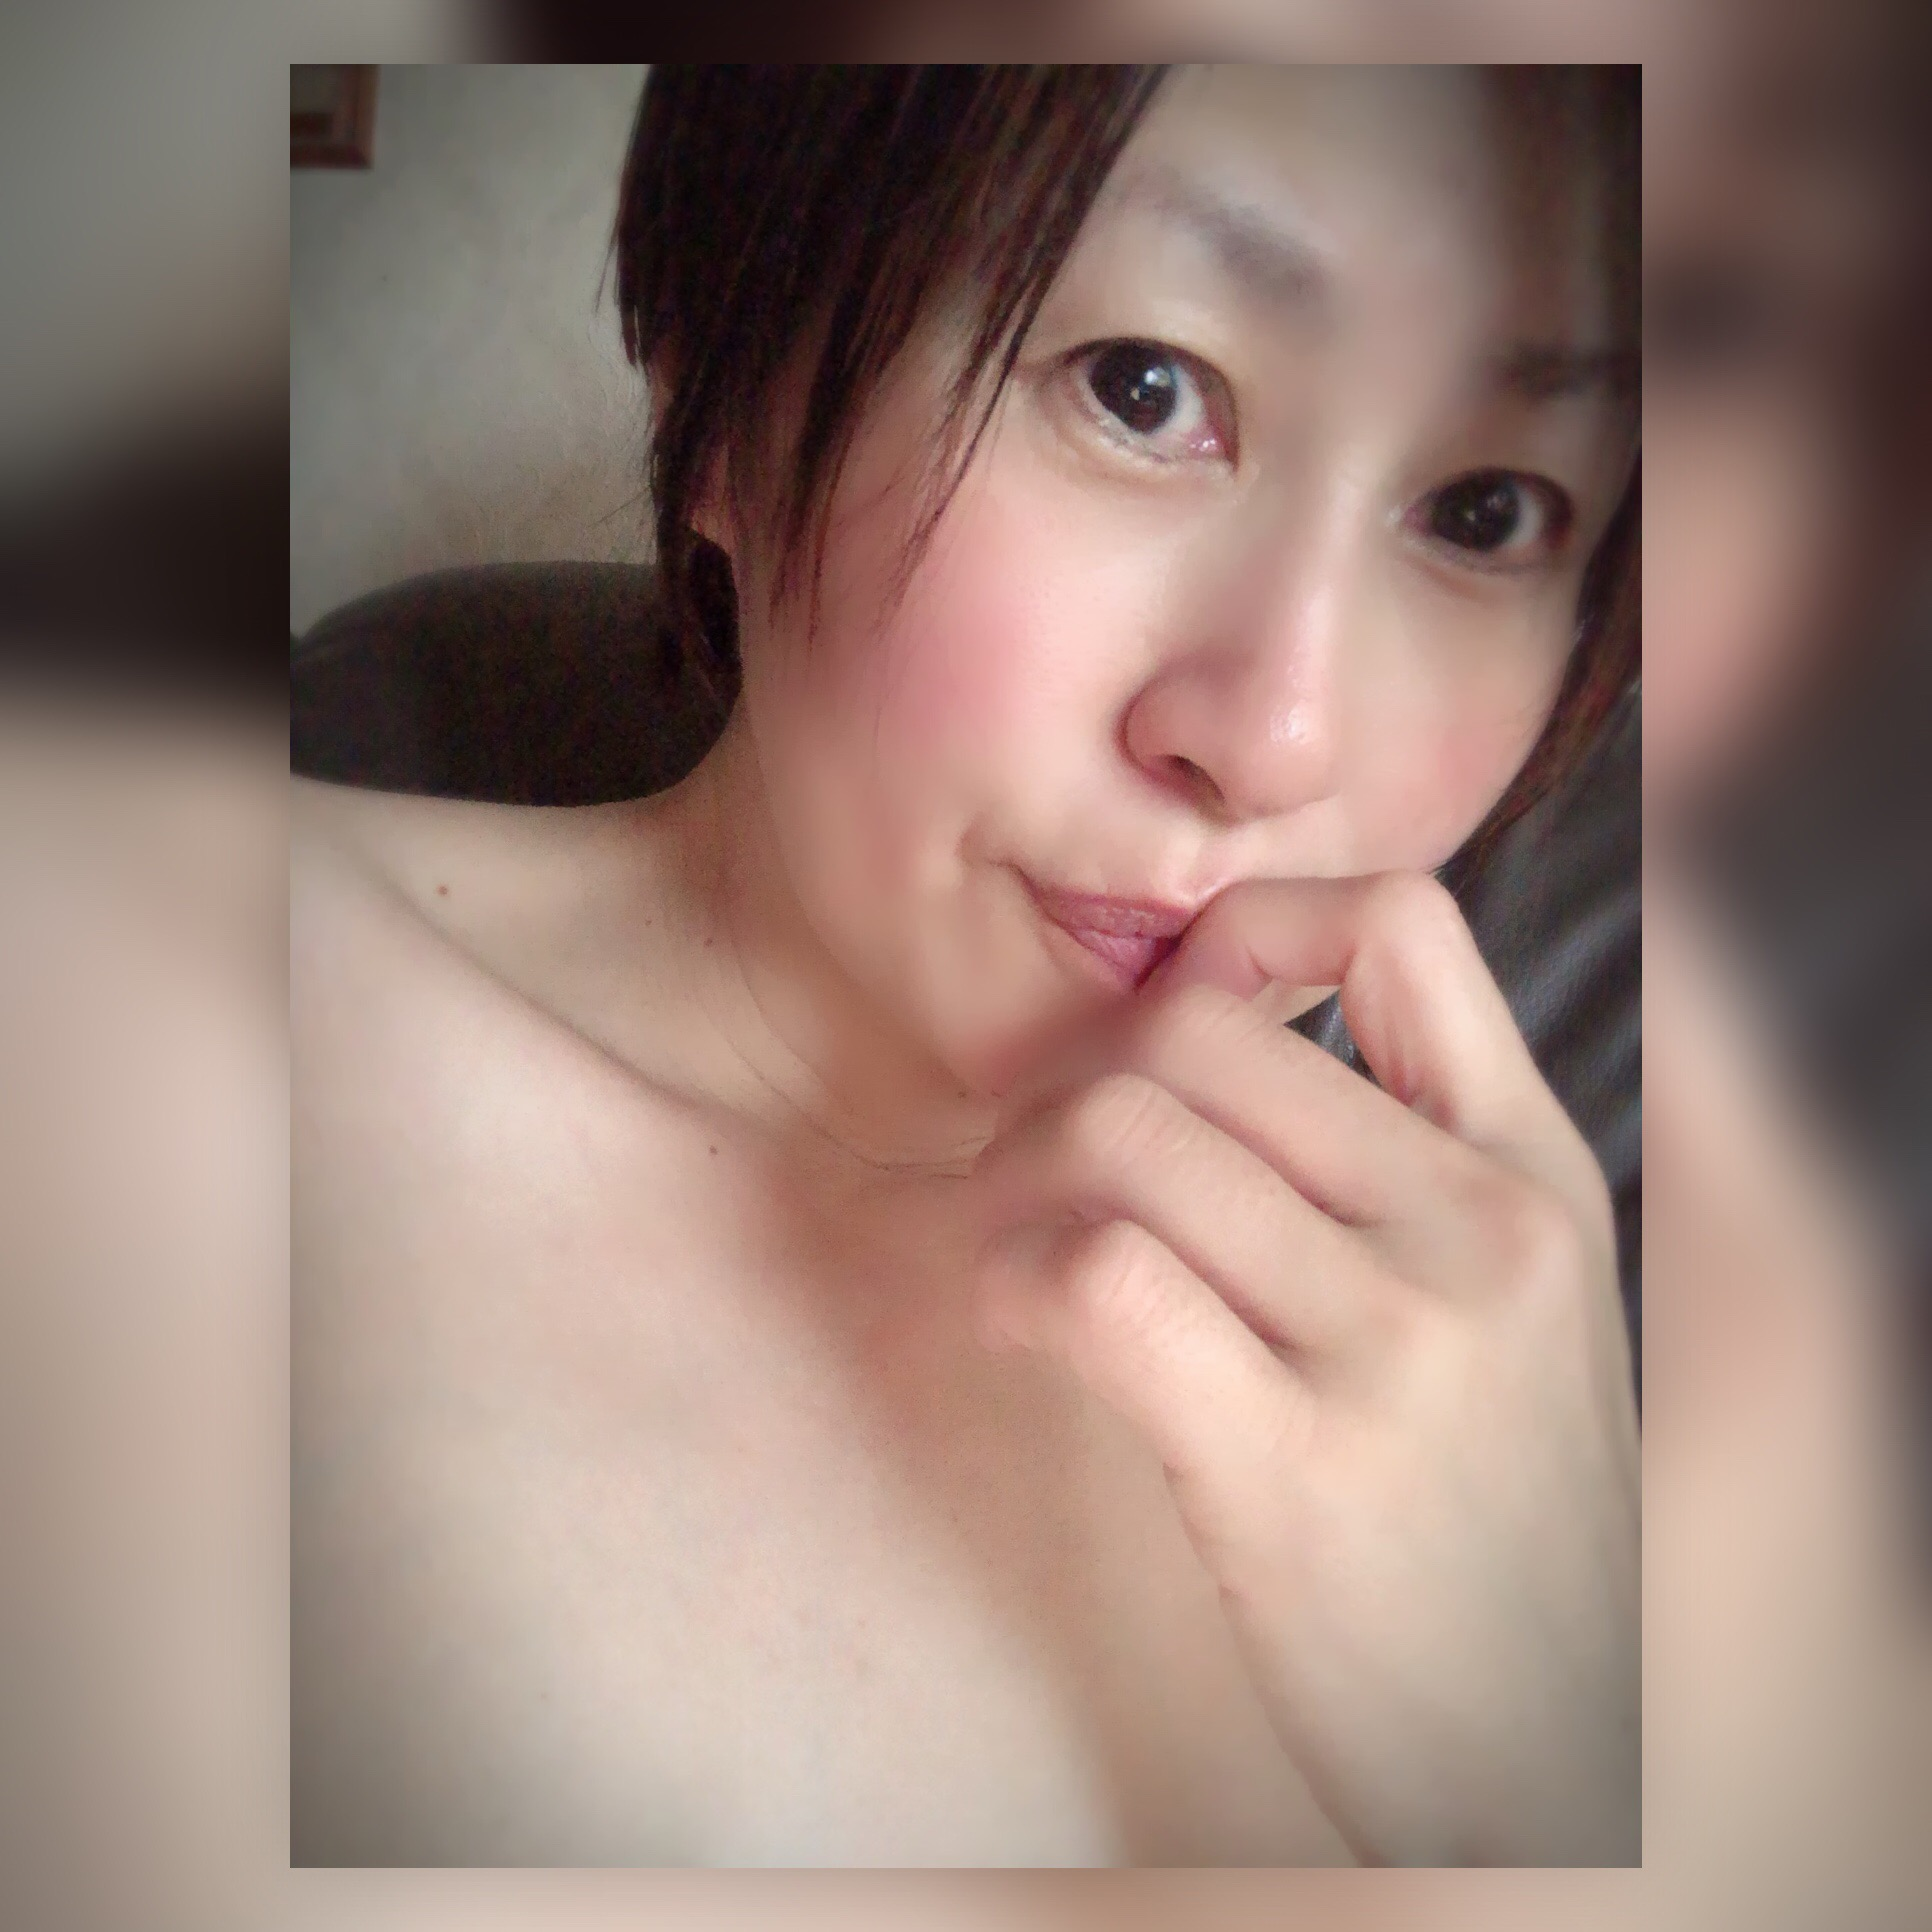 人妻さん日誌:毎朝のシャワー<br /> そし